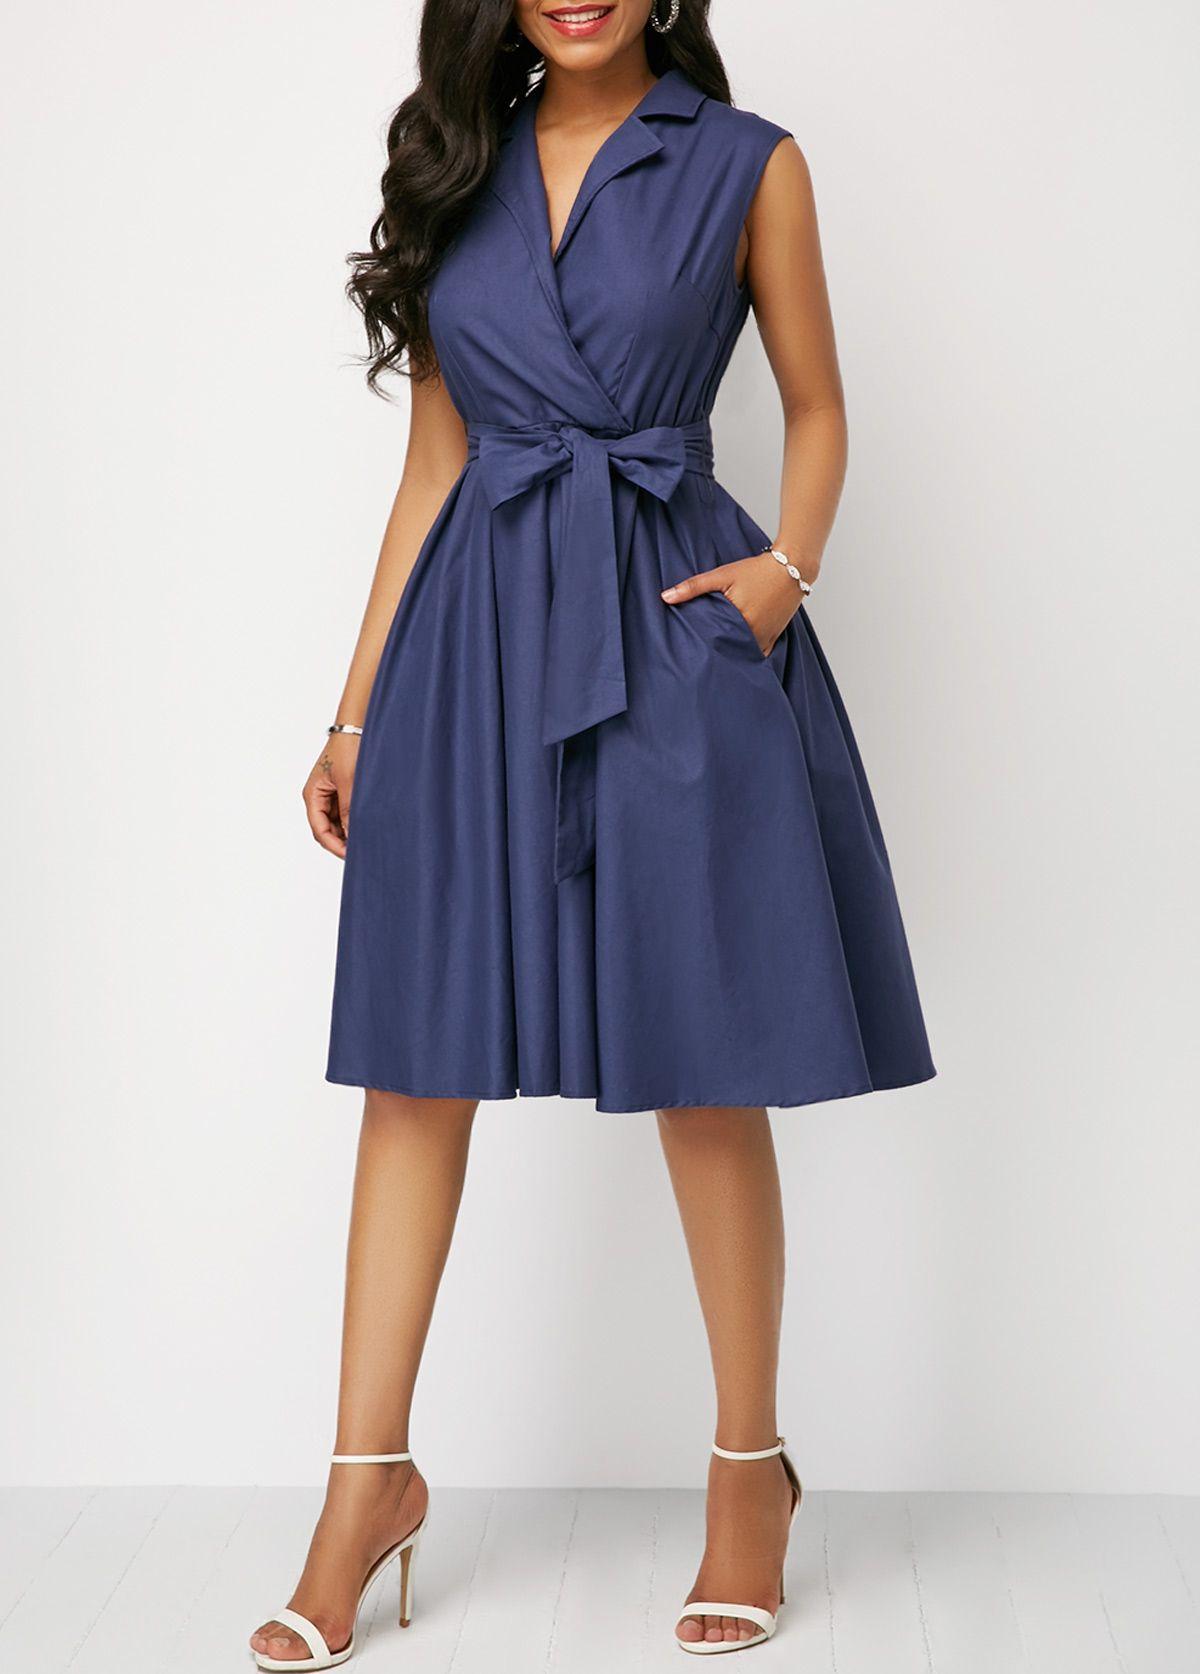 d18d539355b Sleeveless High Waist Belted Navy Blue Dress | Rotita.com - USD ...